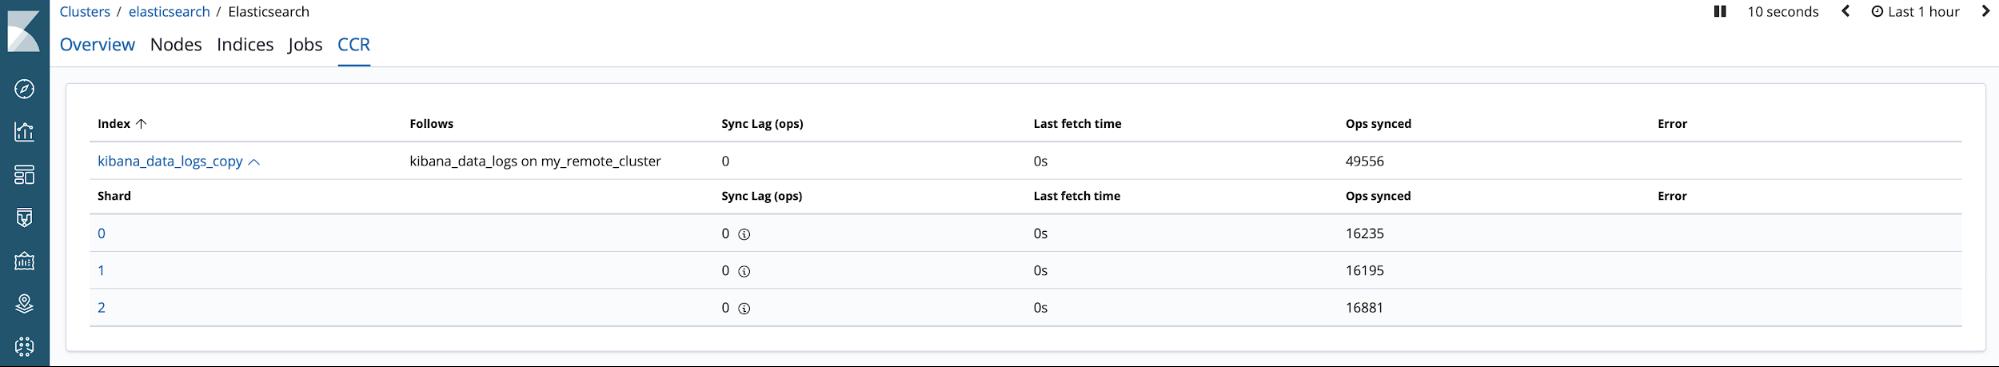 Benutzeroberfläche für die Elasticsearch CCR-Überwachung in Kibana